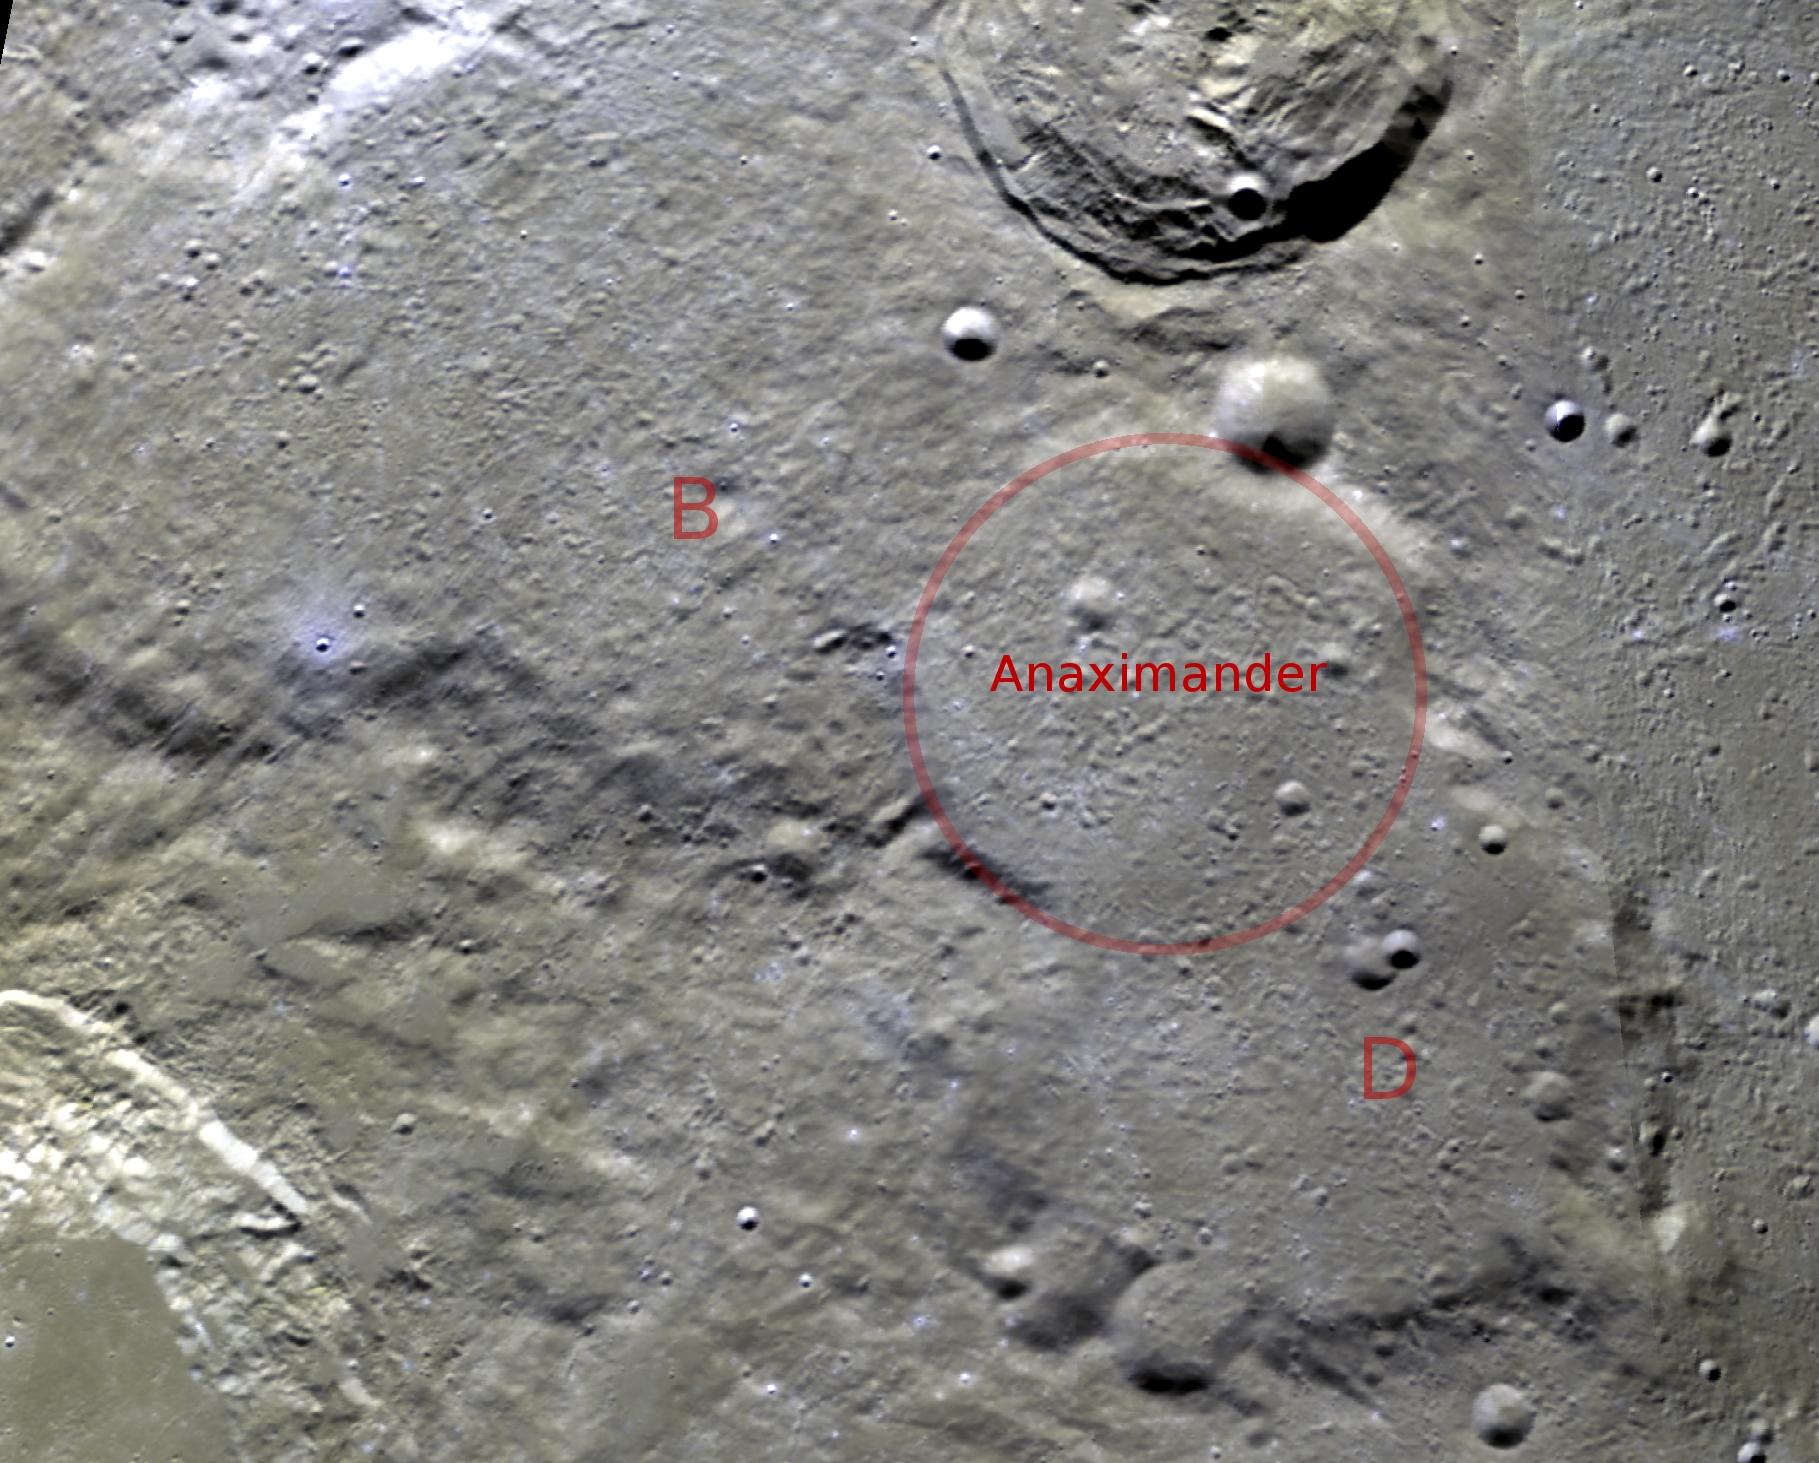 Anaximander crater clementine color albedo.jpg